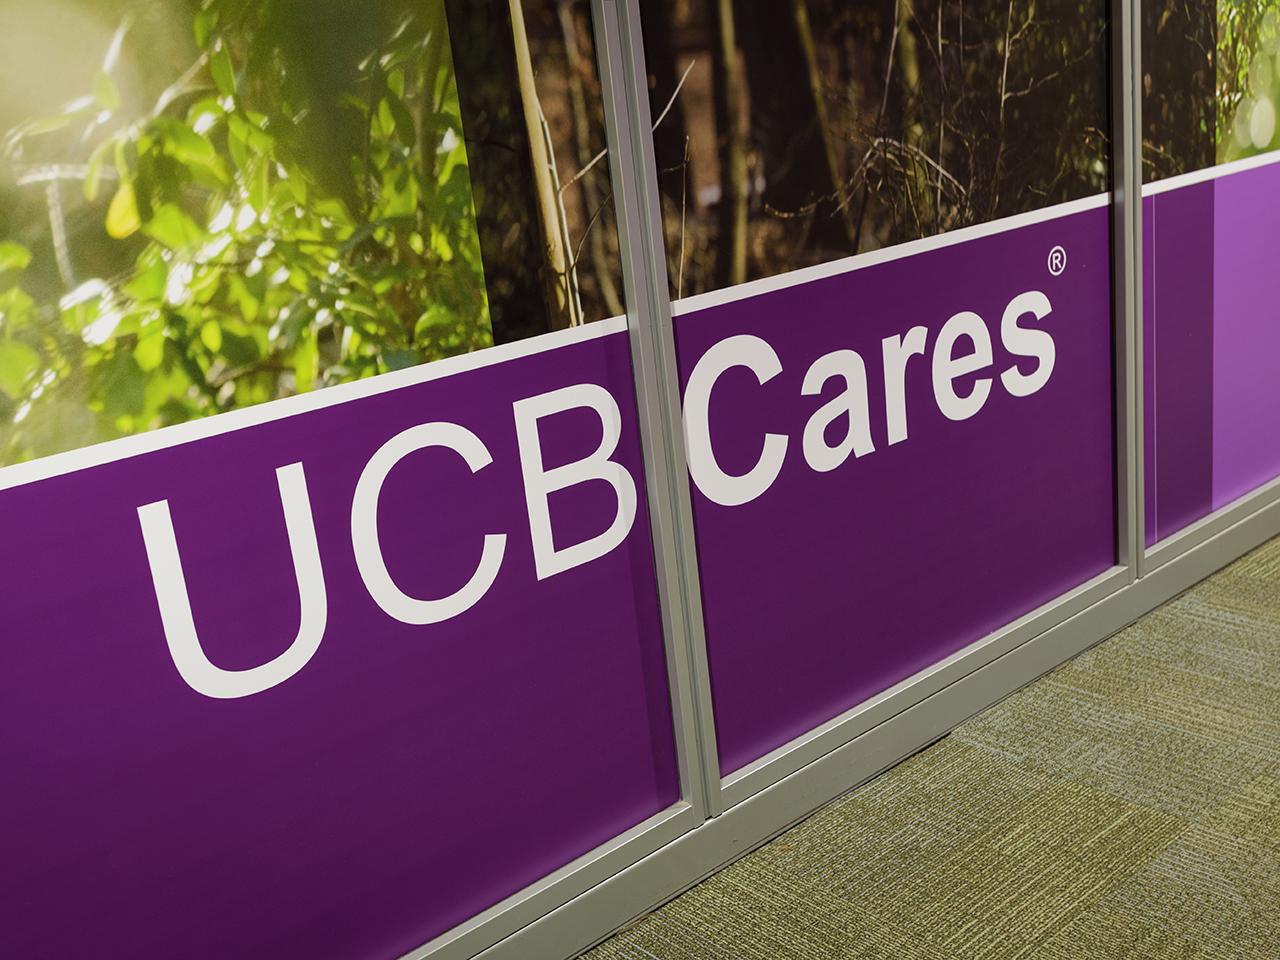 UCB_campus_1280x960